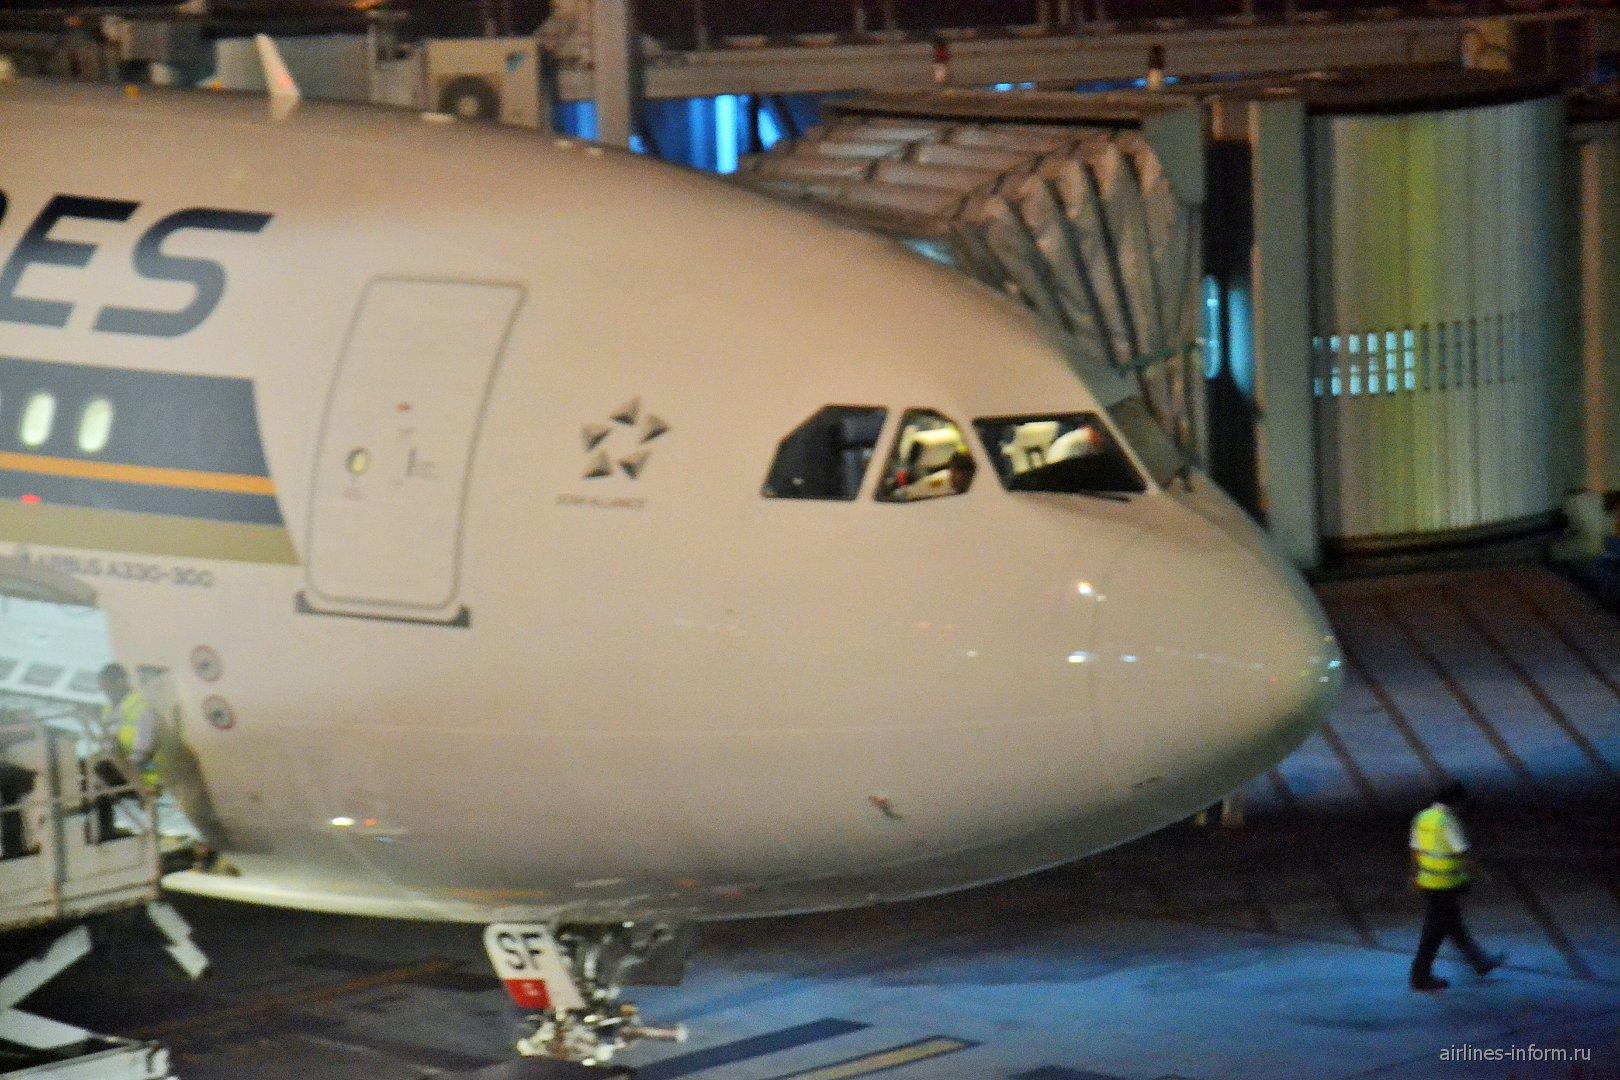 A great way to fly. Рейс SQ 949 Денпасар (Нгурах-Рай) - Чанги (Терминал 3) с Сингапурскими авиалиниями.